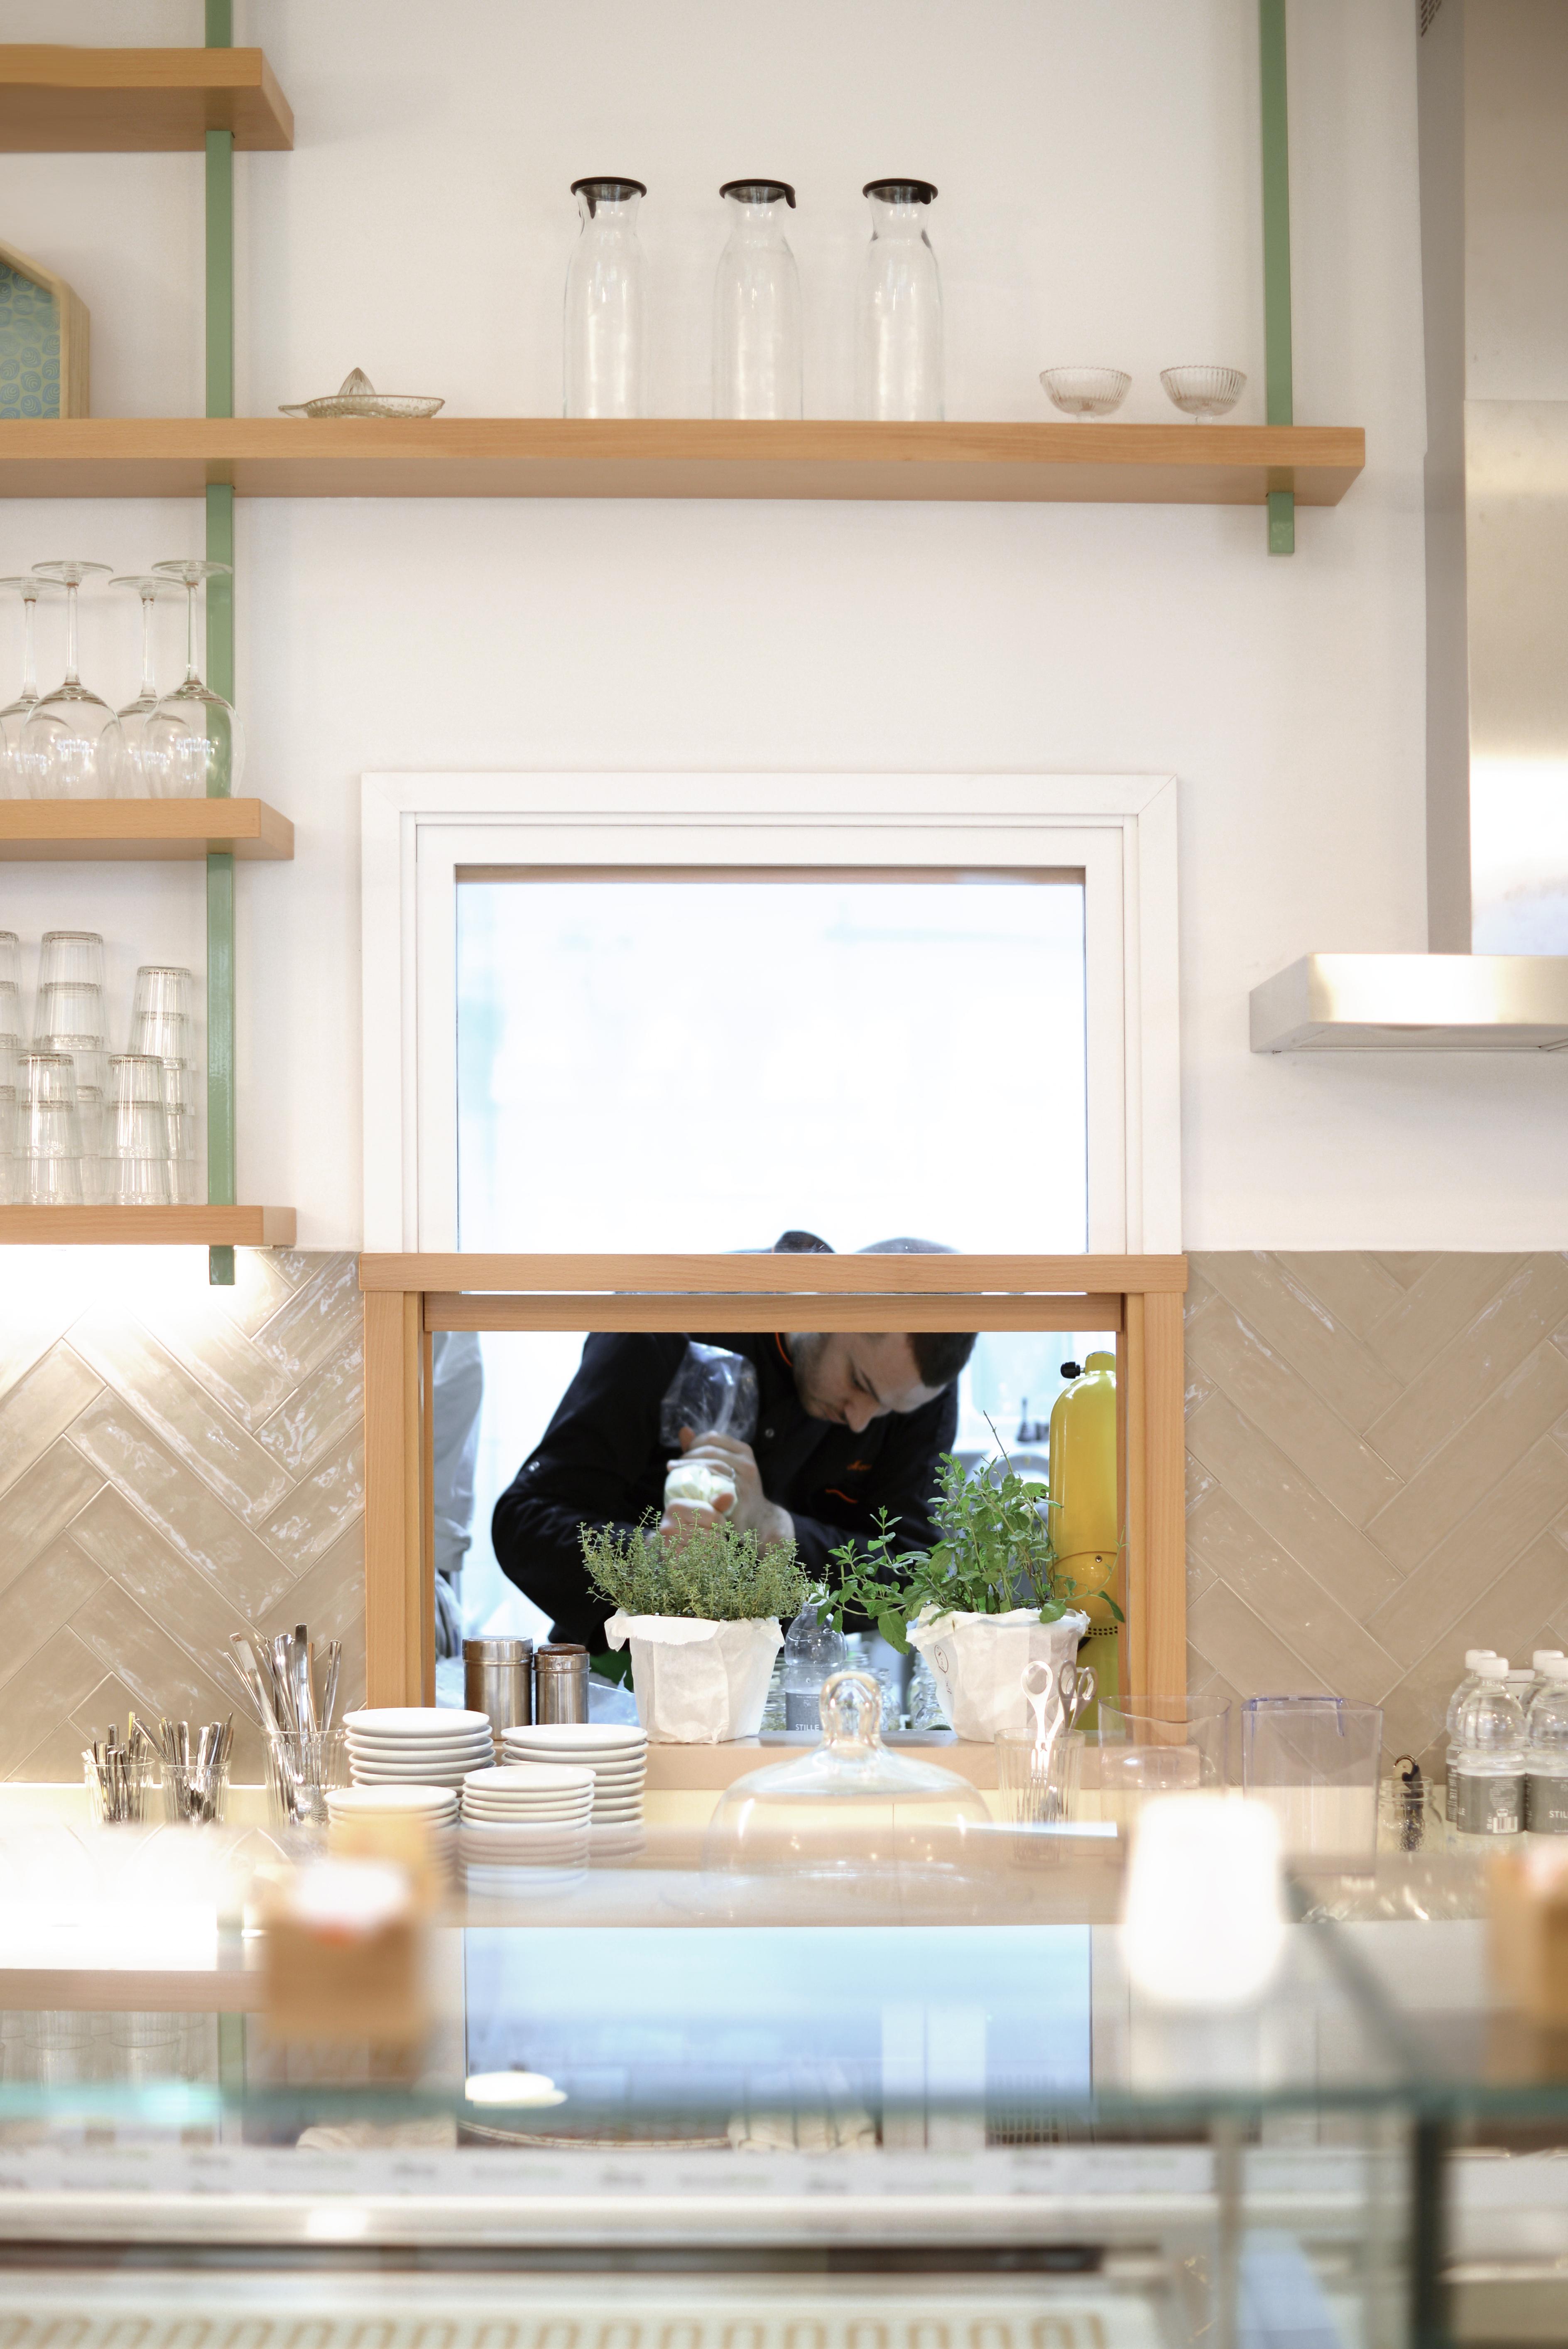 café merenda bistrot in rome by laboratore innocenti design office studio lido interior project art direction and brand identity